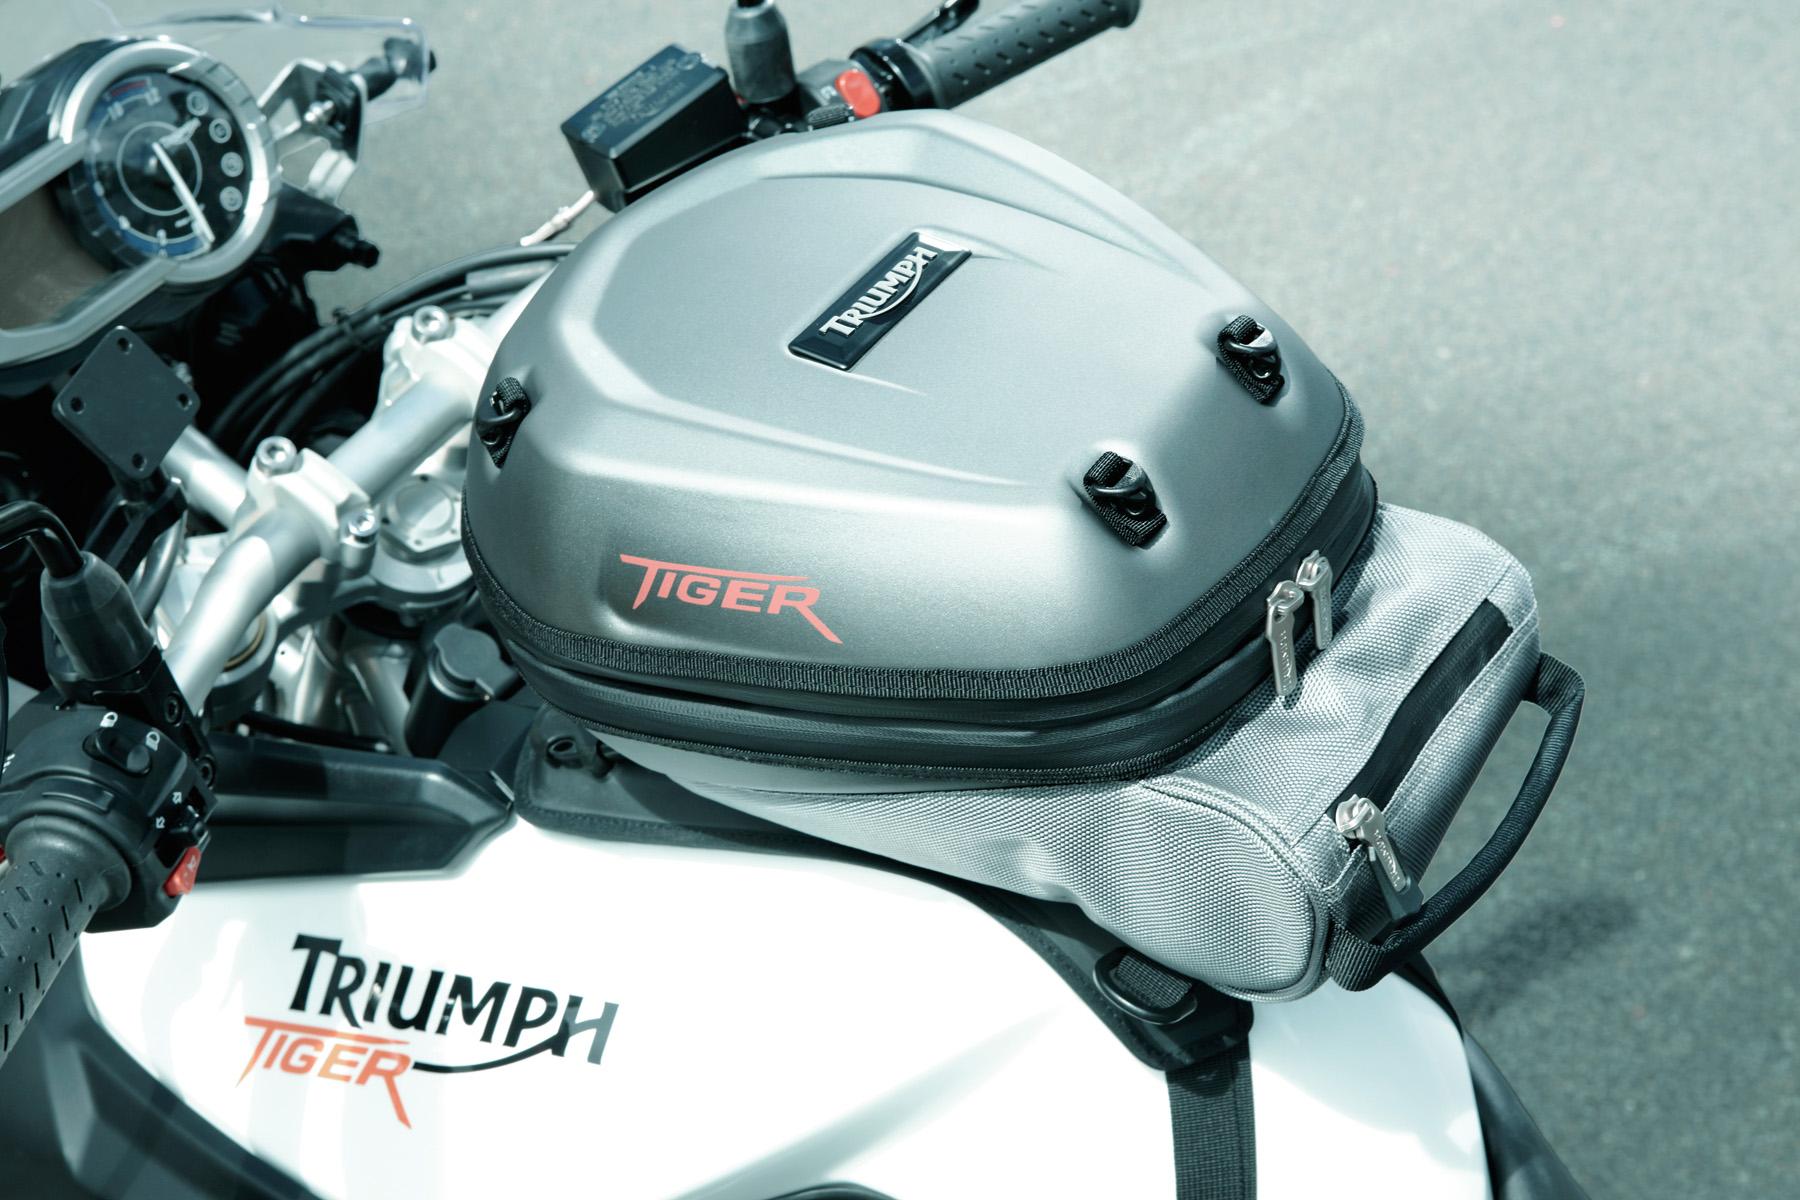 Kit de viaje para las Triumph Tiger 800 y 800XC